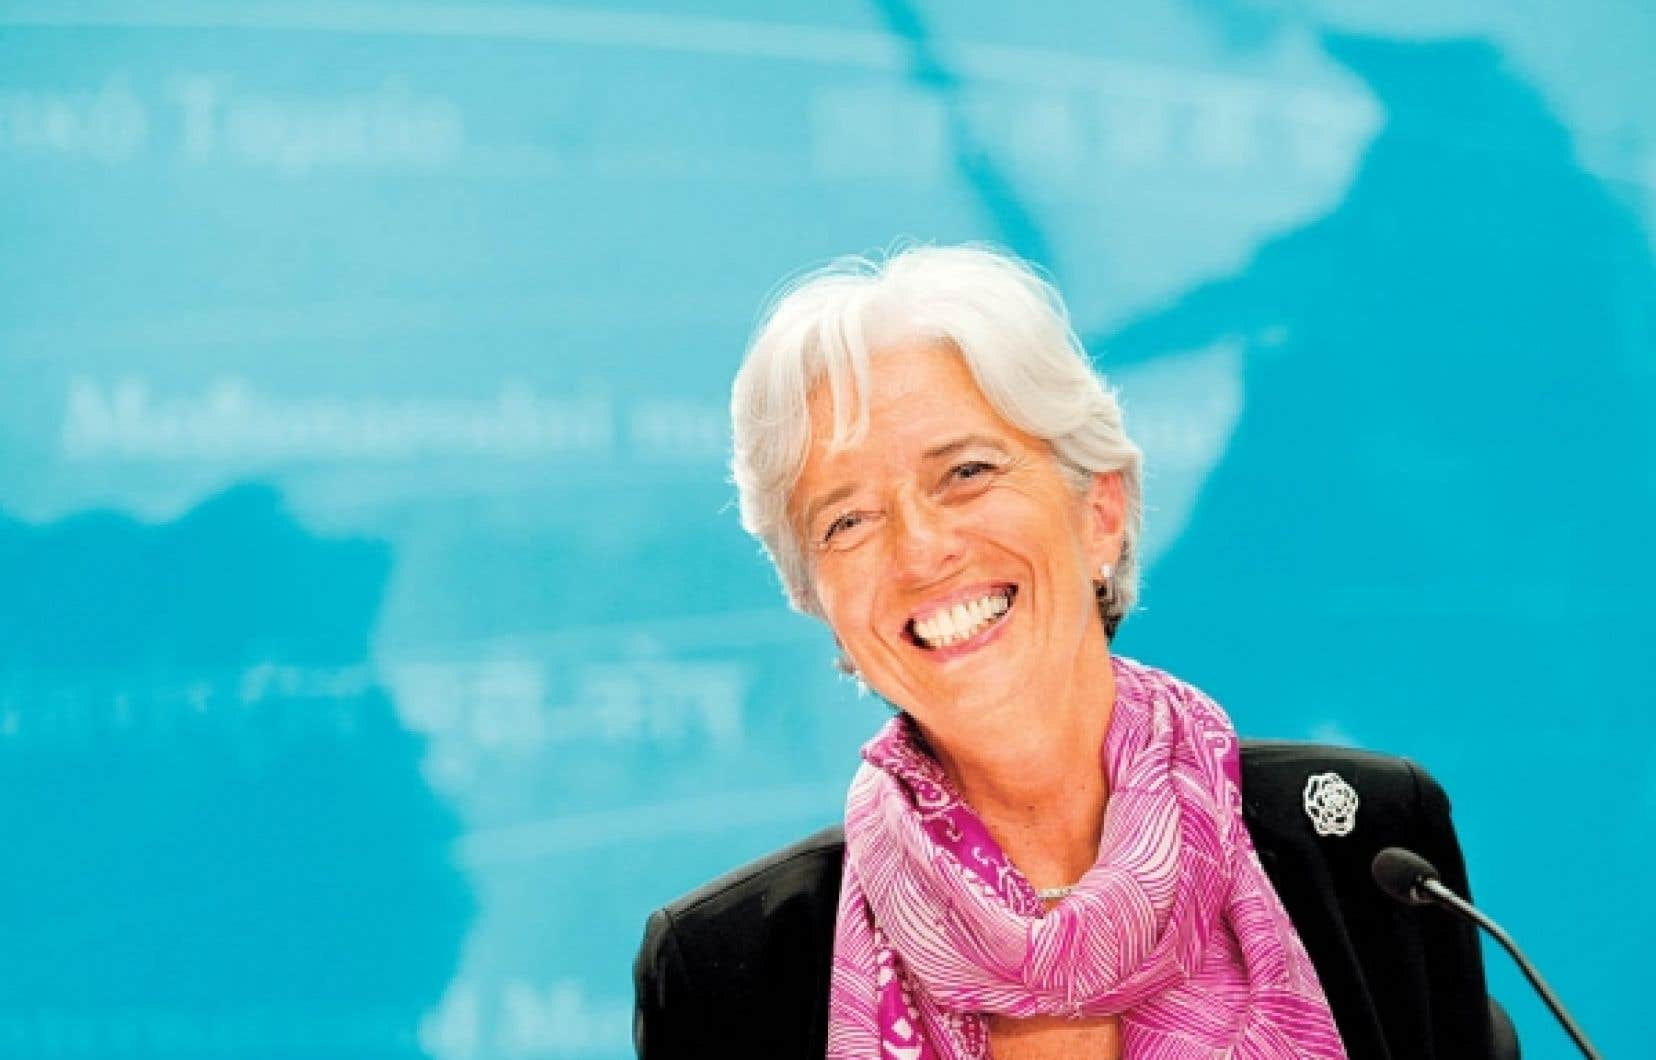 Christine Lagarde: «Le chemin qui a été clairement ouvert par mon prédécesseur, Dominique Strauss-Kahn, pour prendre en compte des problématiques telles que l'emploi, les questions sociales, en tant que composantes périphériques du regard économique traditionnel sur la situation d'un pays, doit être poursuivi.»<br />